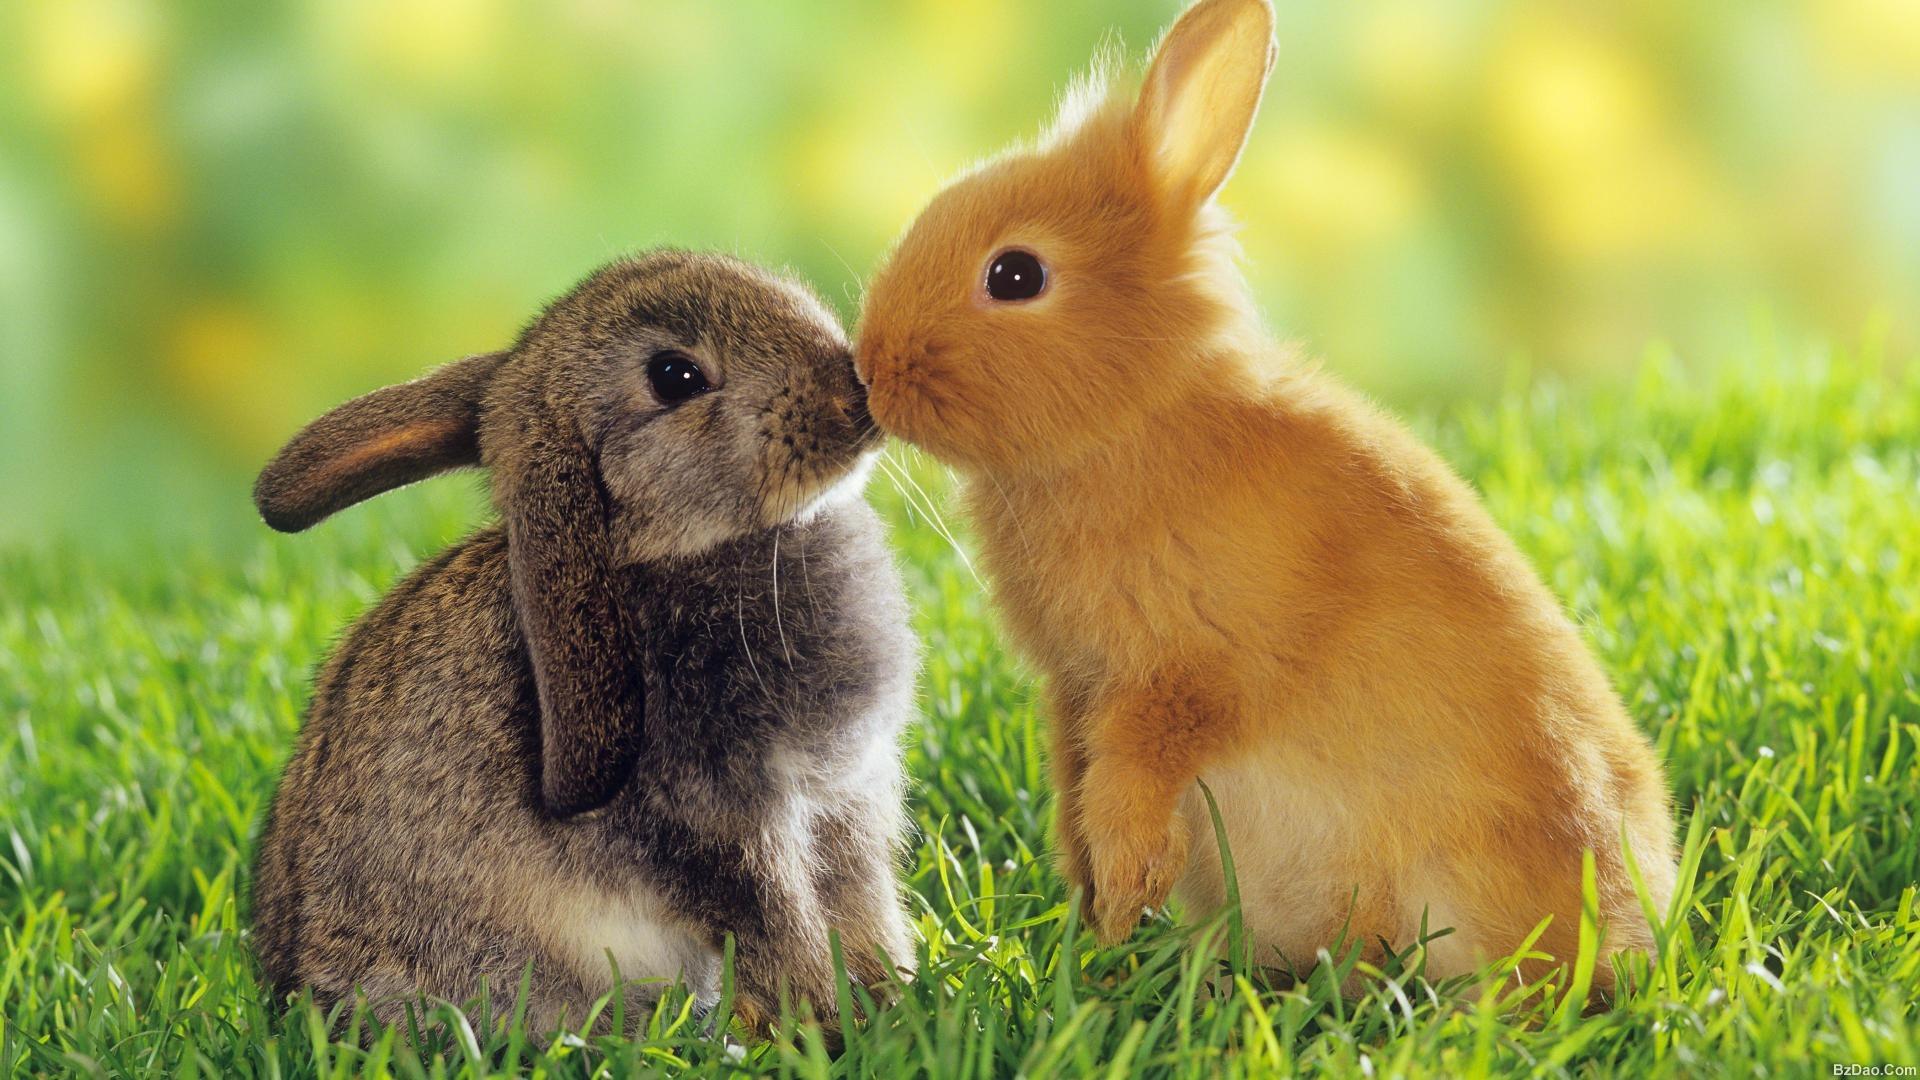 漂亮动物图片大全可爱